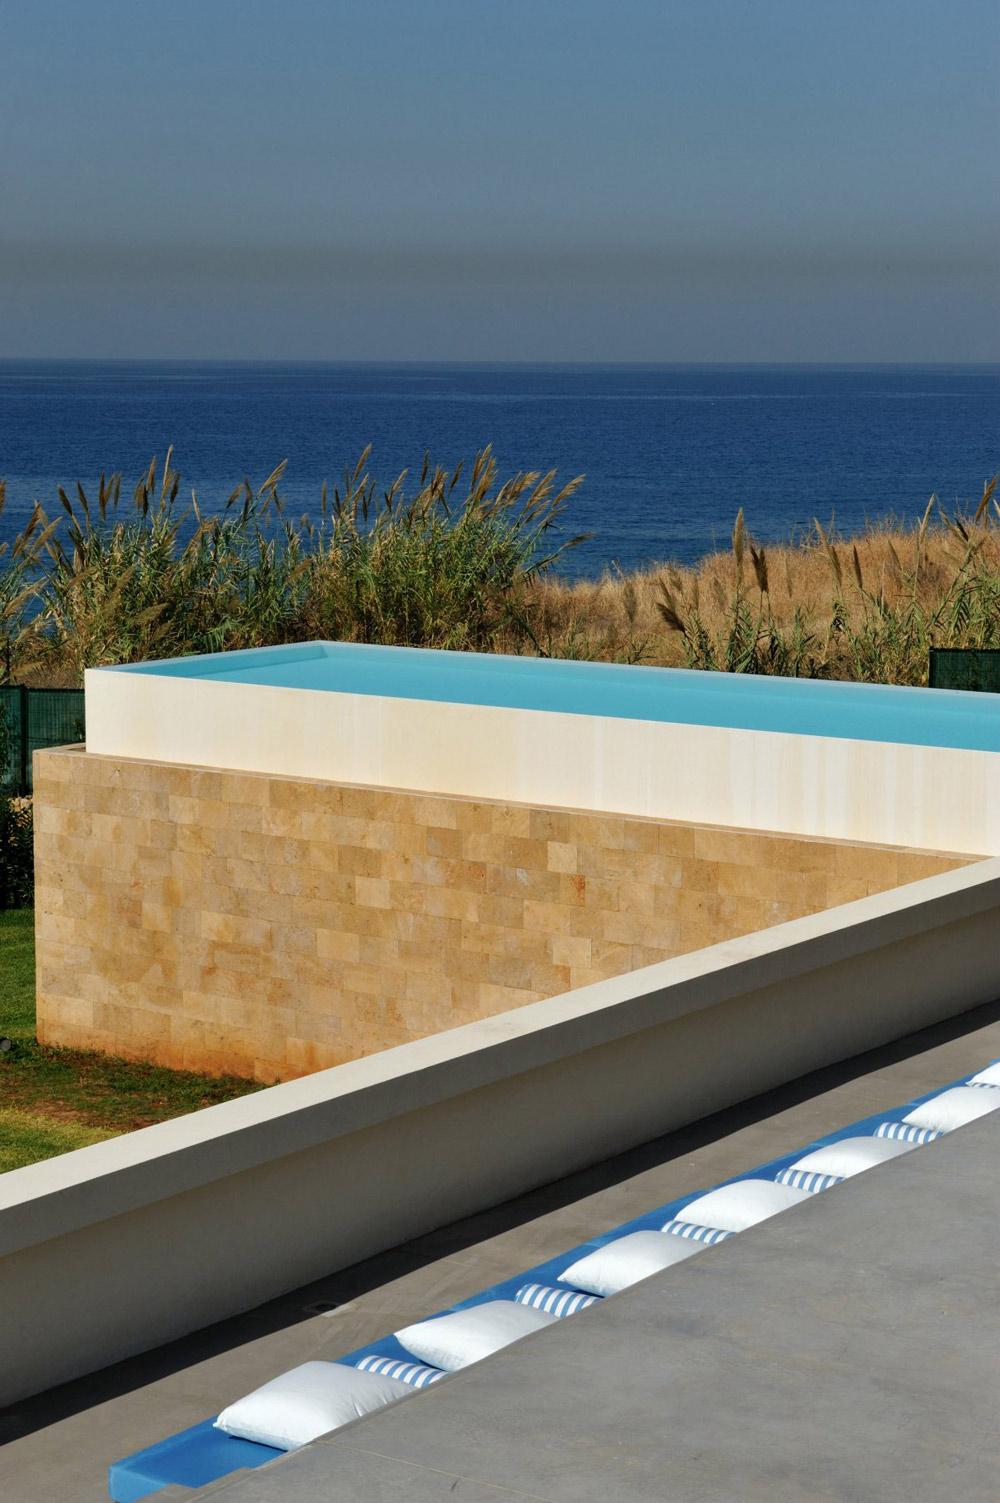 Ocean Views, Pool, Terrace, Striking Oceanfront House in Jbeil, Lebanon